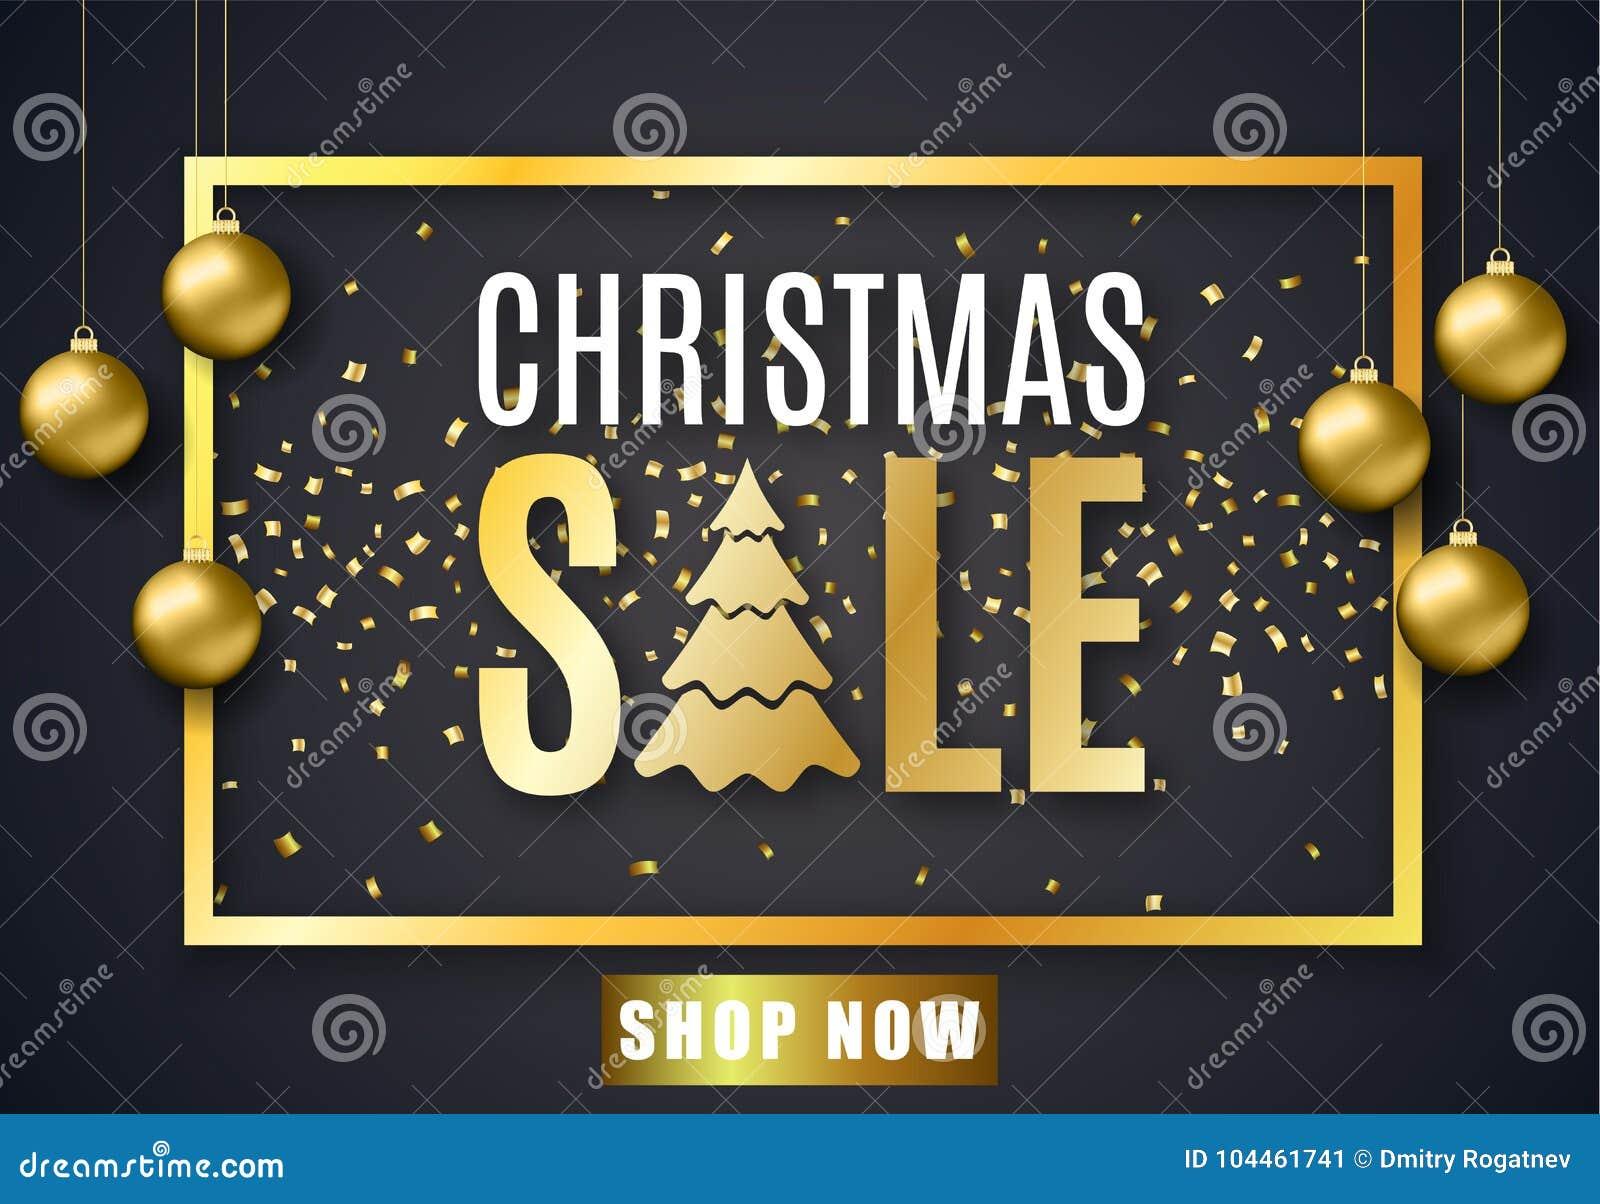 Plakat für Weihnachtsverkauf